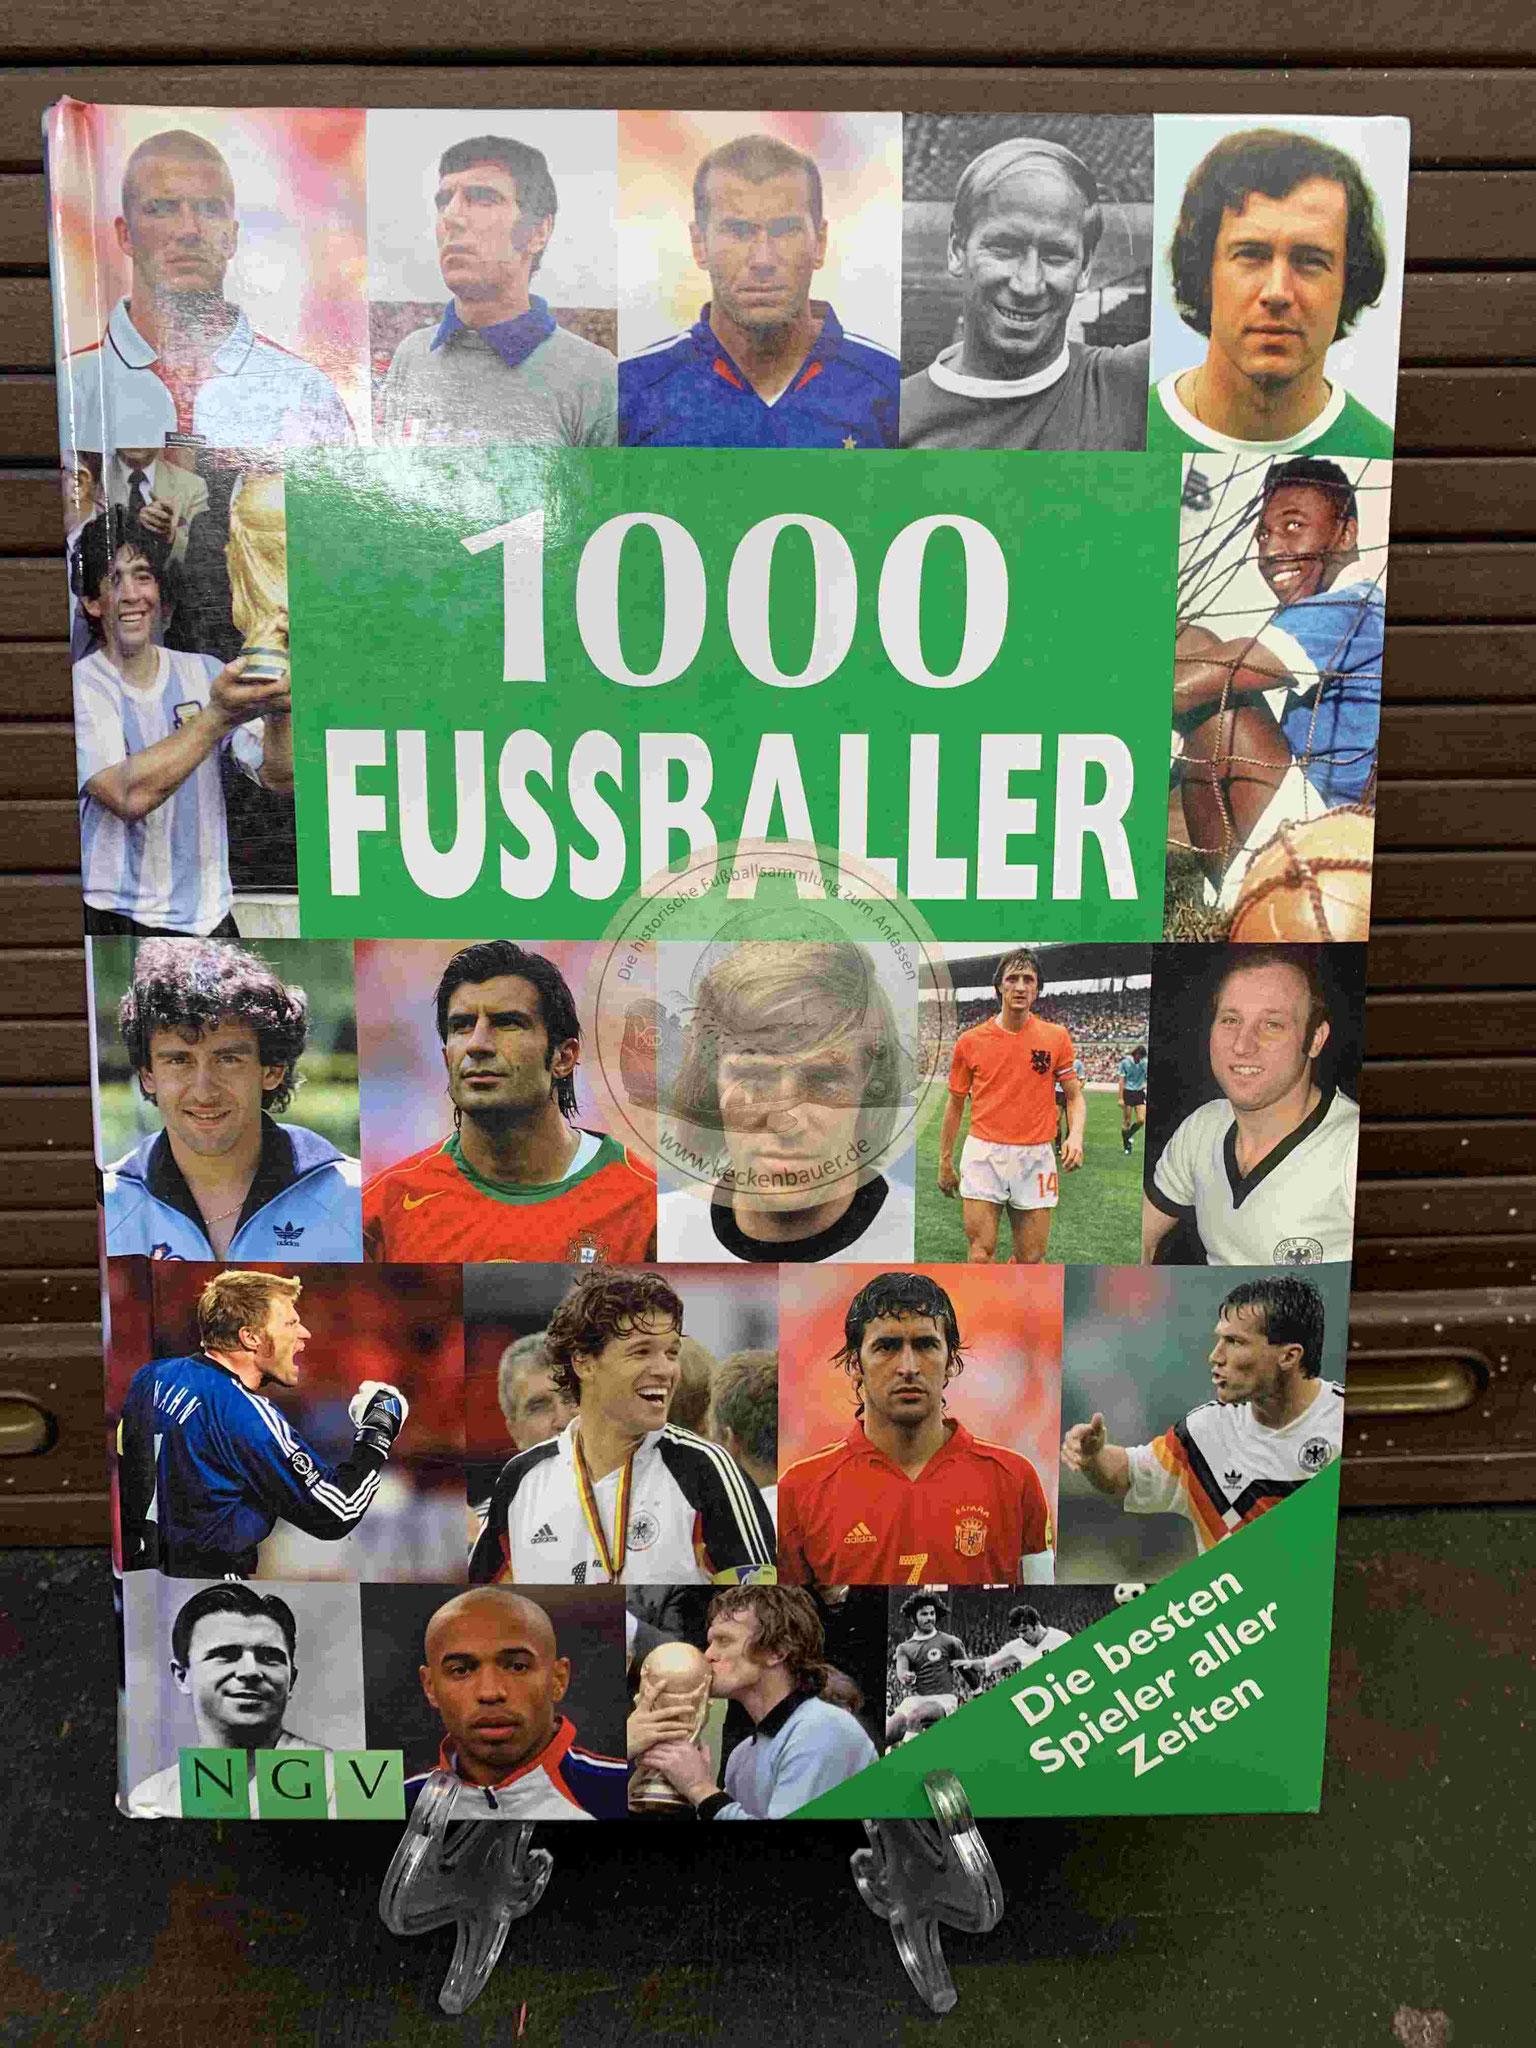 1000 Fussballer Die besten Spieler aller Zeiten aus dem Jahr 2006